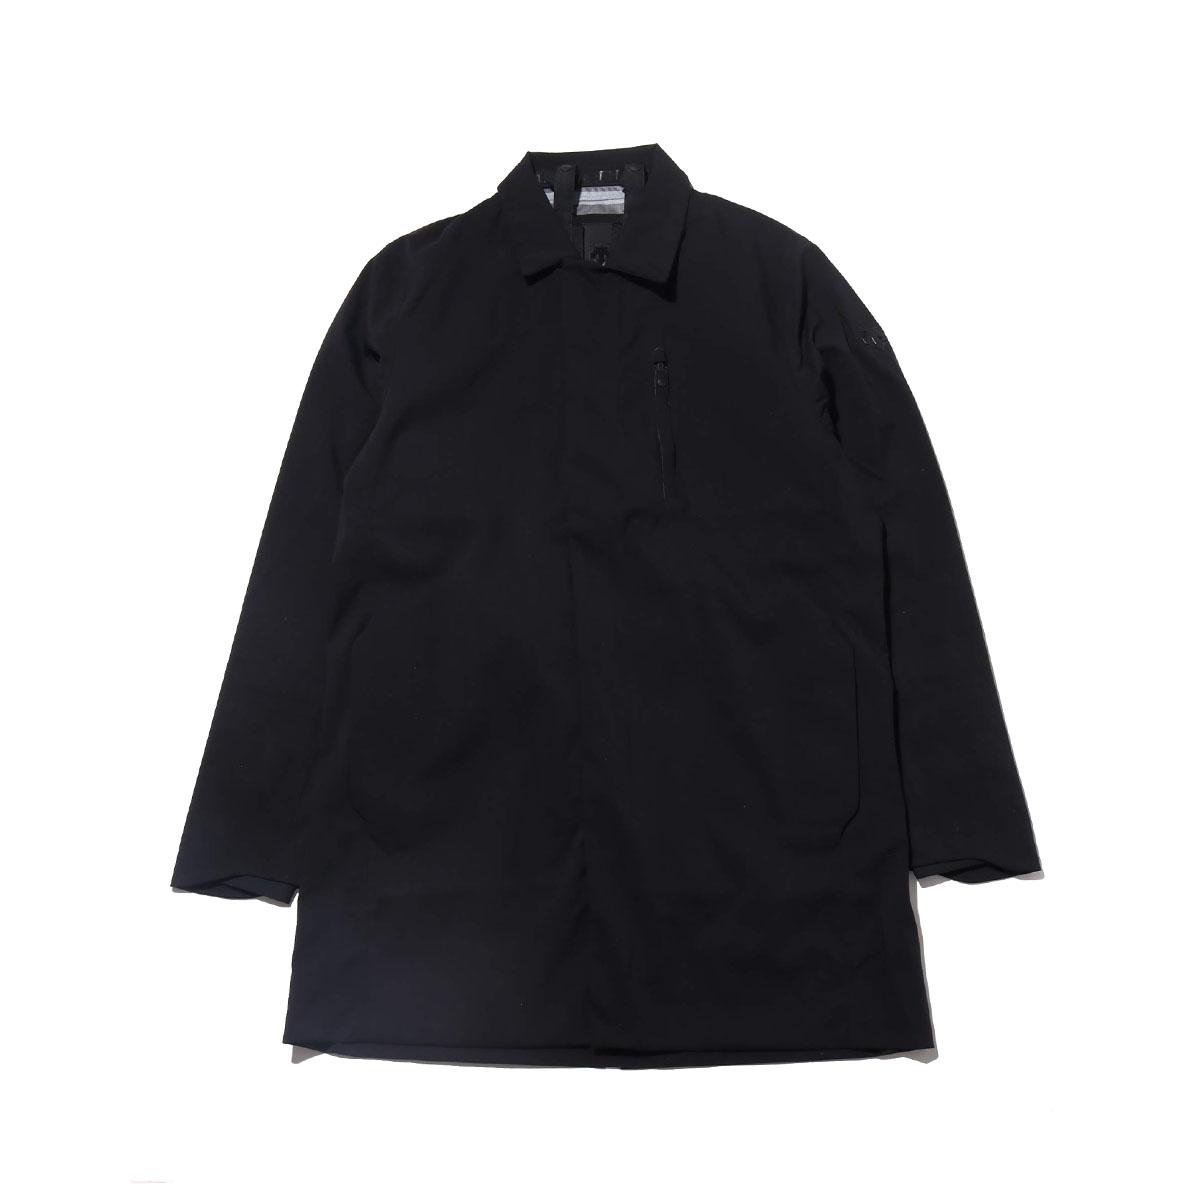 DESCENTE ALLTERRAIN HARD SHELL BAL COLLAR COAT (デサント オルテライン ハード シェル ステンカラー コート)BLACK【メンズ コート】18FA-I